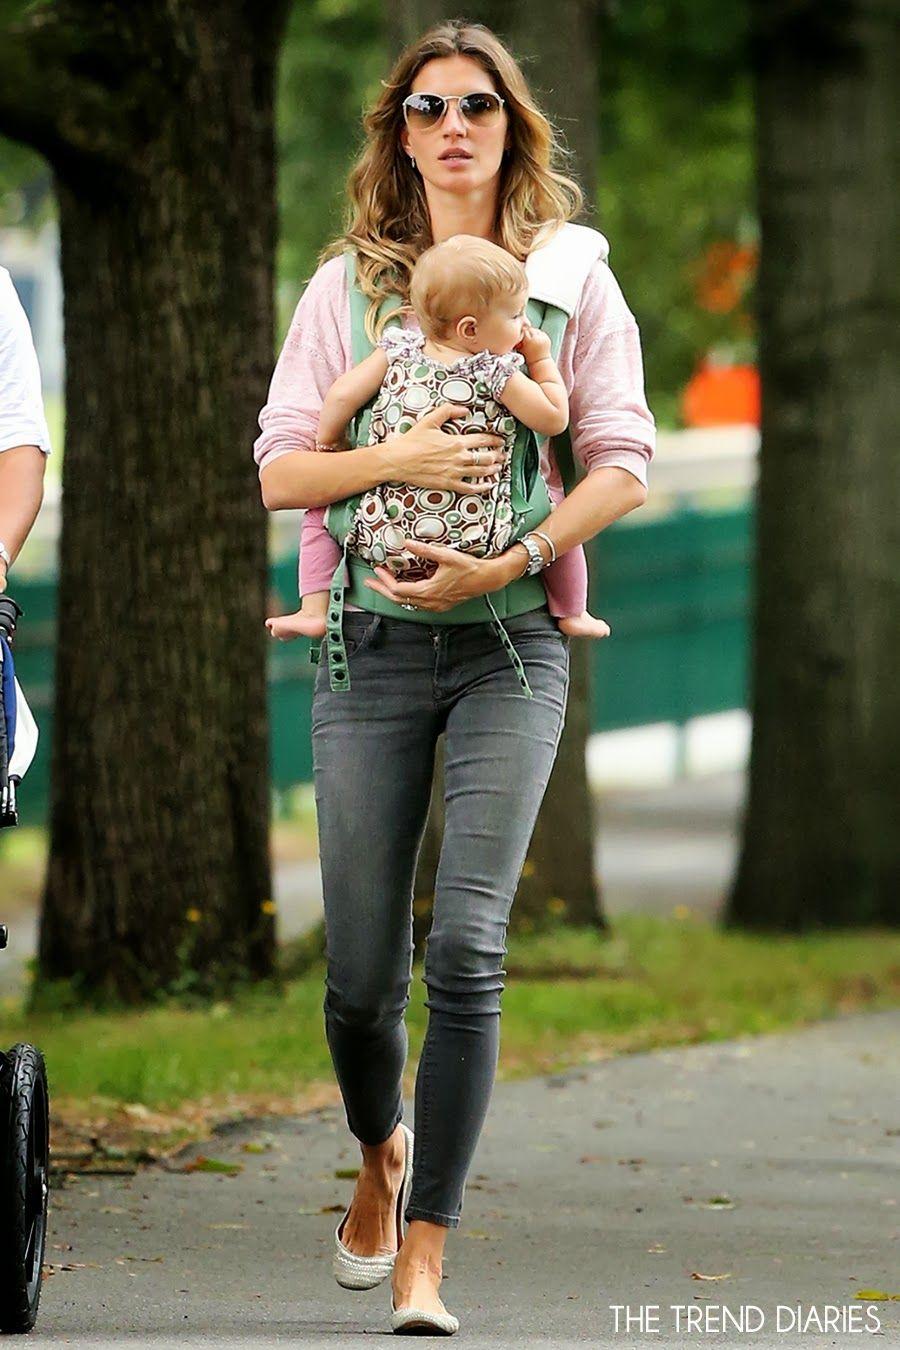 Gisele bundchen at a park in boston massachusetts september